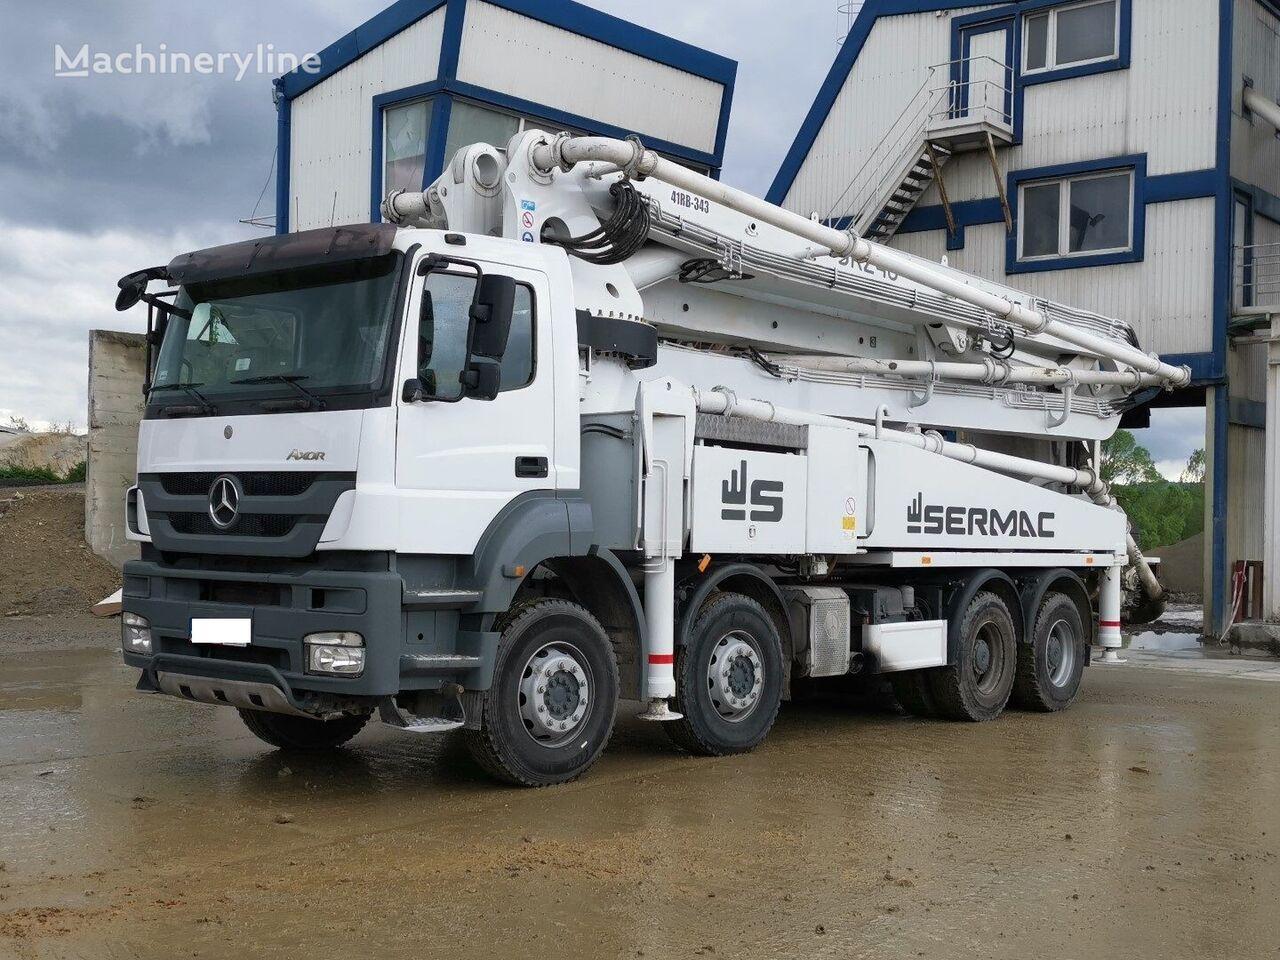 pompa per calcestruzzo MERCEDES-BENZ 4140 8x4 Euro 5, 2016year Sermac 46m Concrete pump, 5RZ46, 150m3